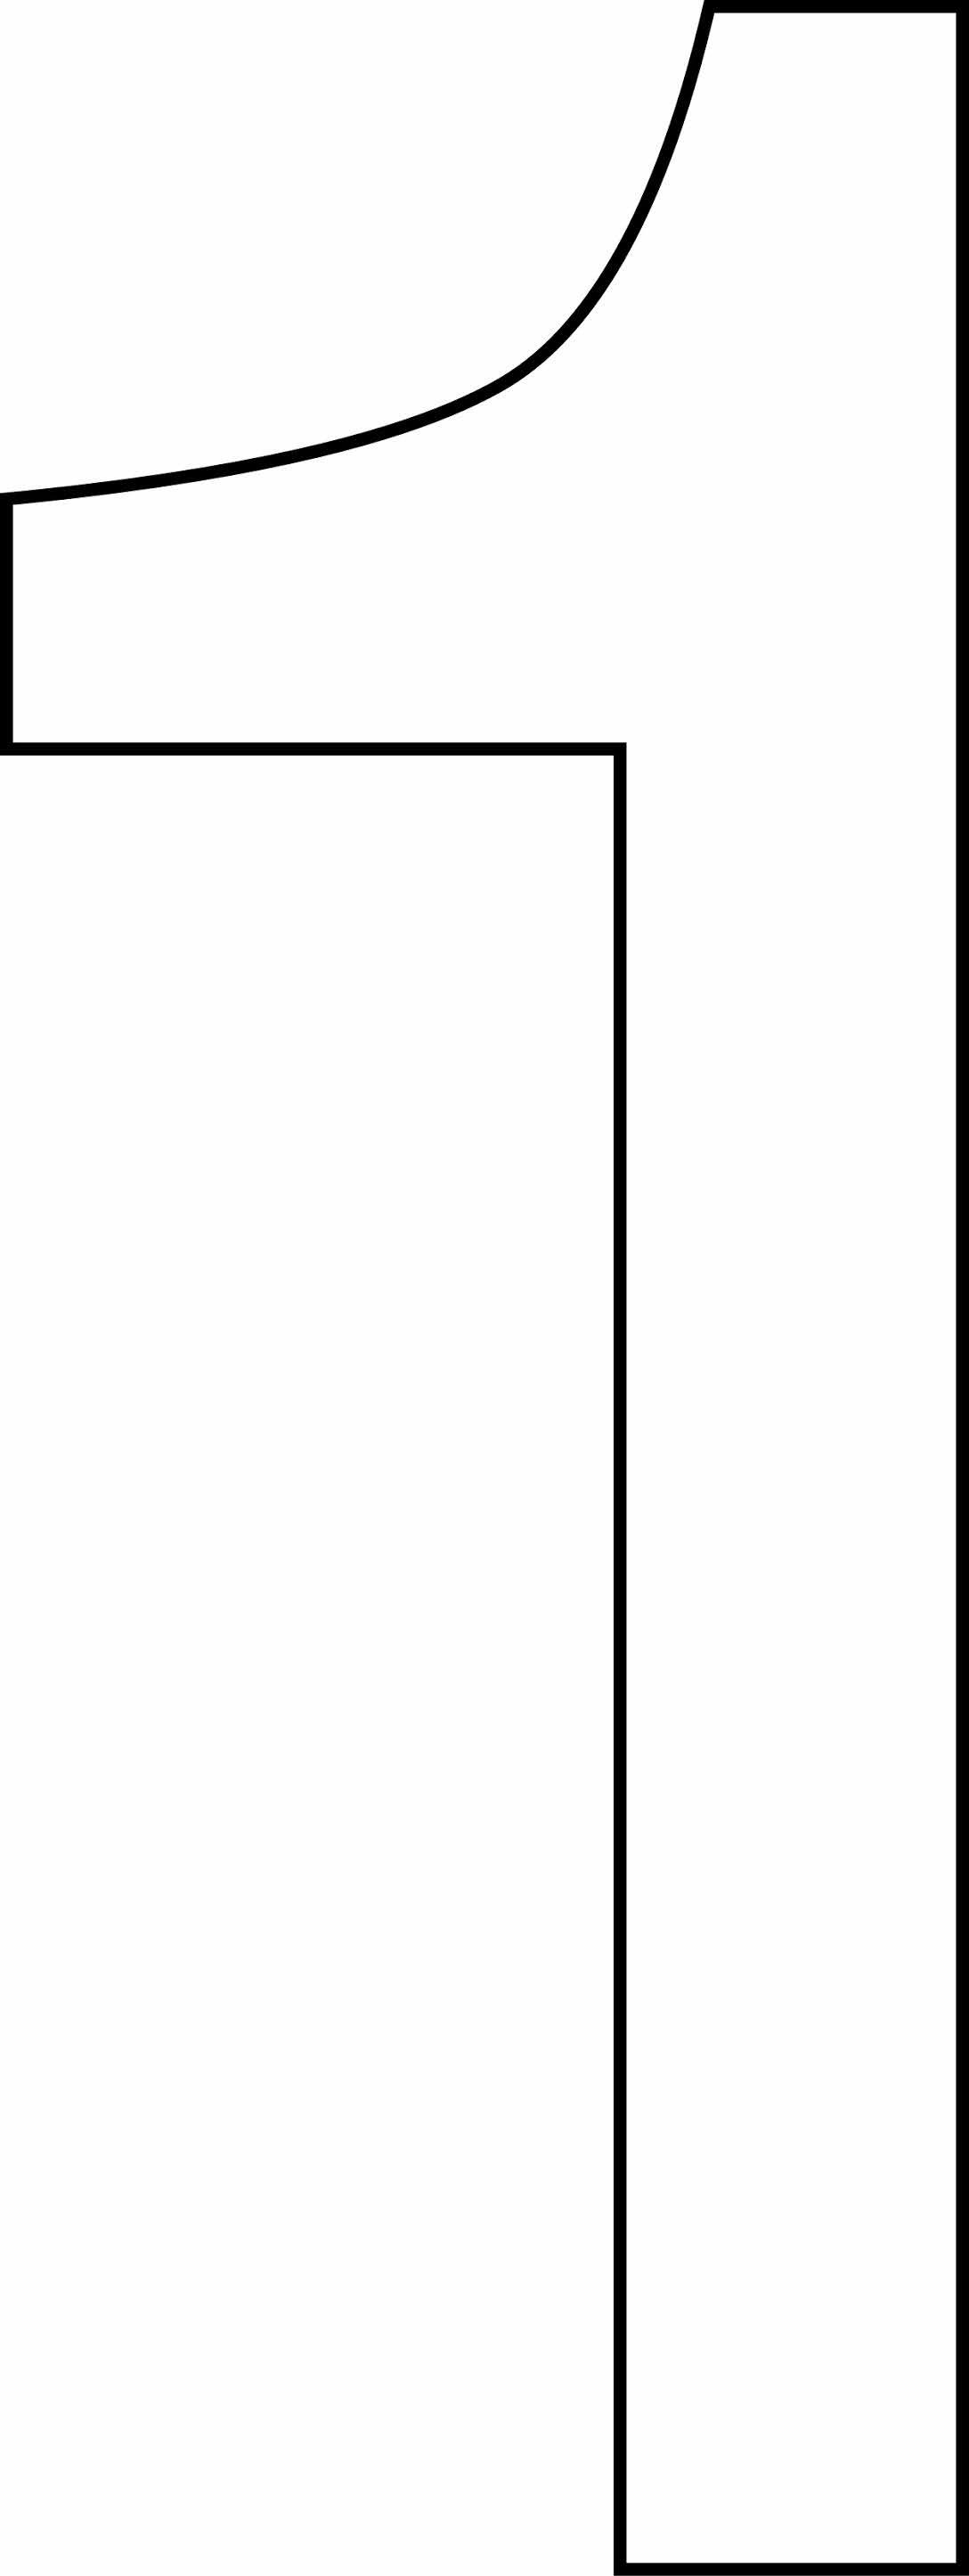 Número (algarismo) 1 para imprimir